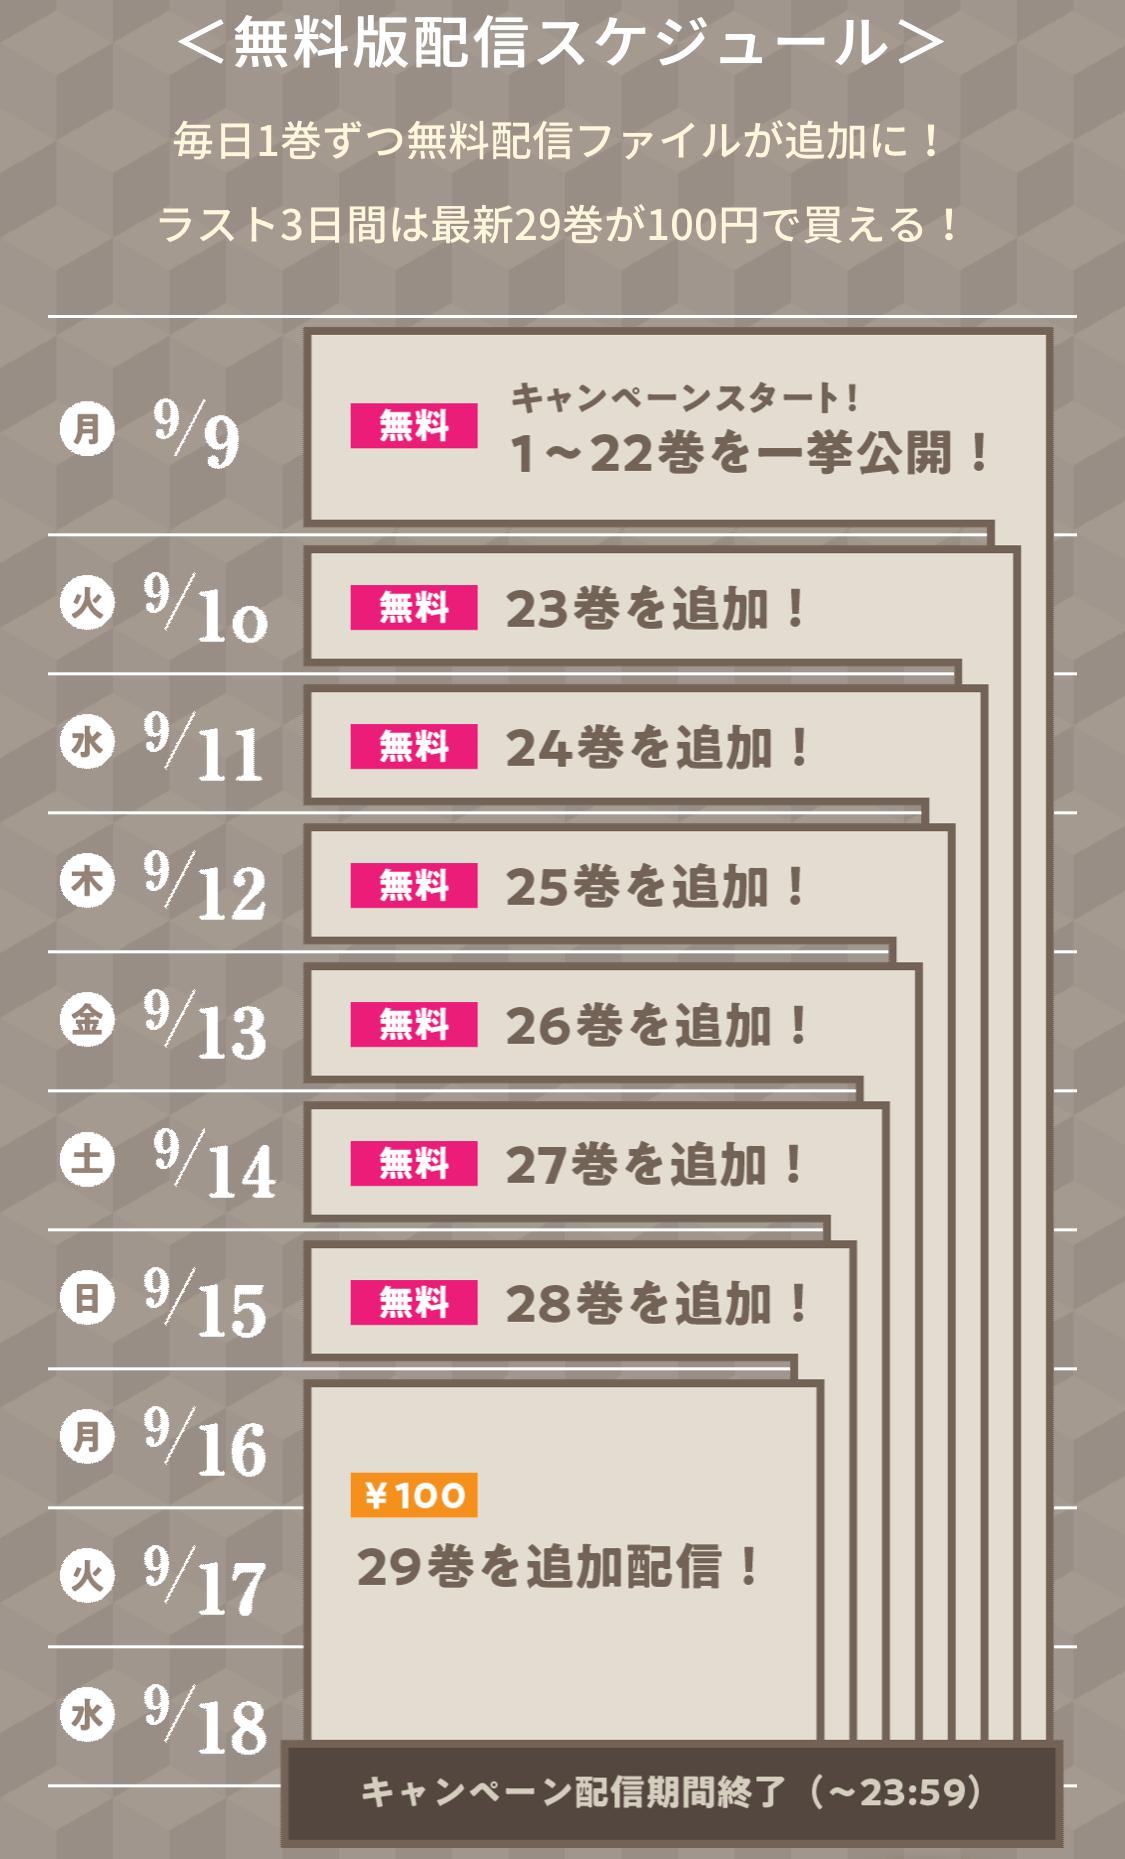 『進撃の巨人』ほぼ全巻をタダで読む方法。9/18まで10周年キャンペーン中!